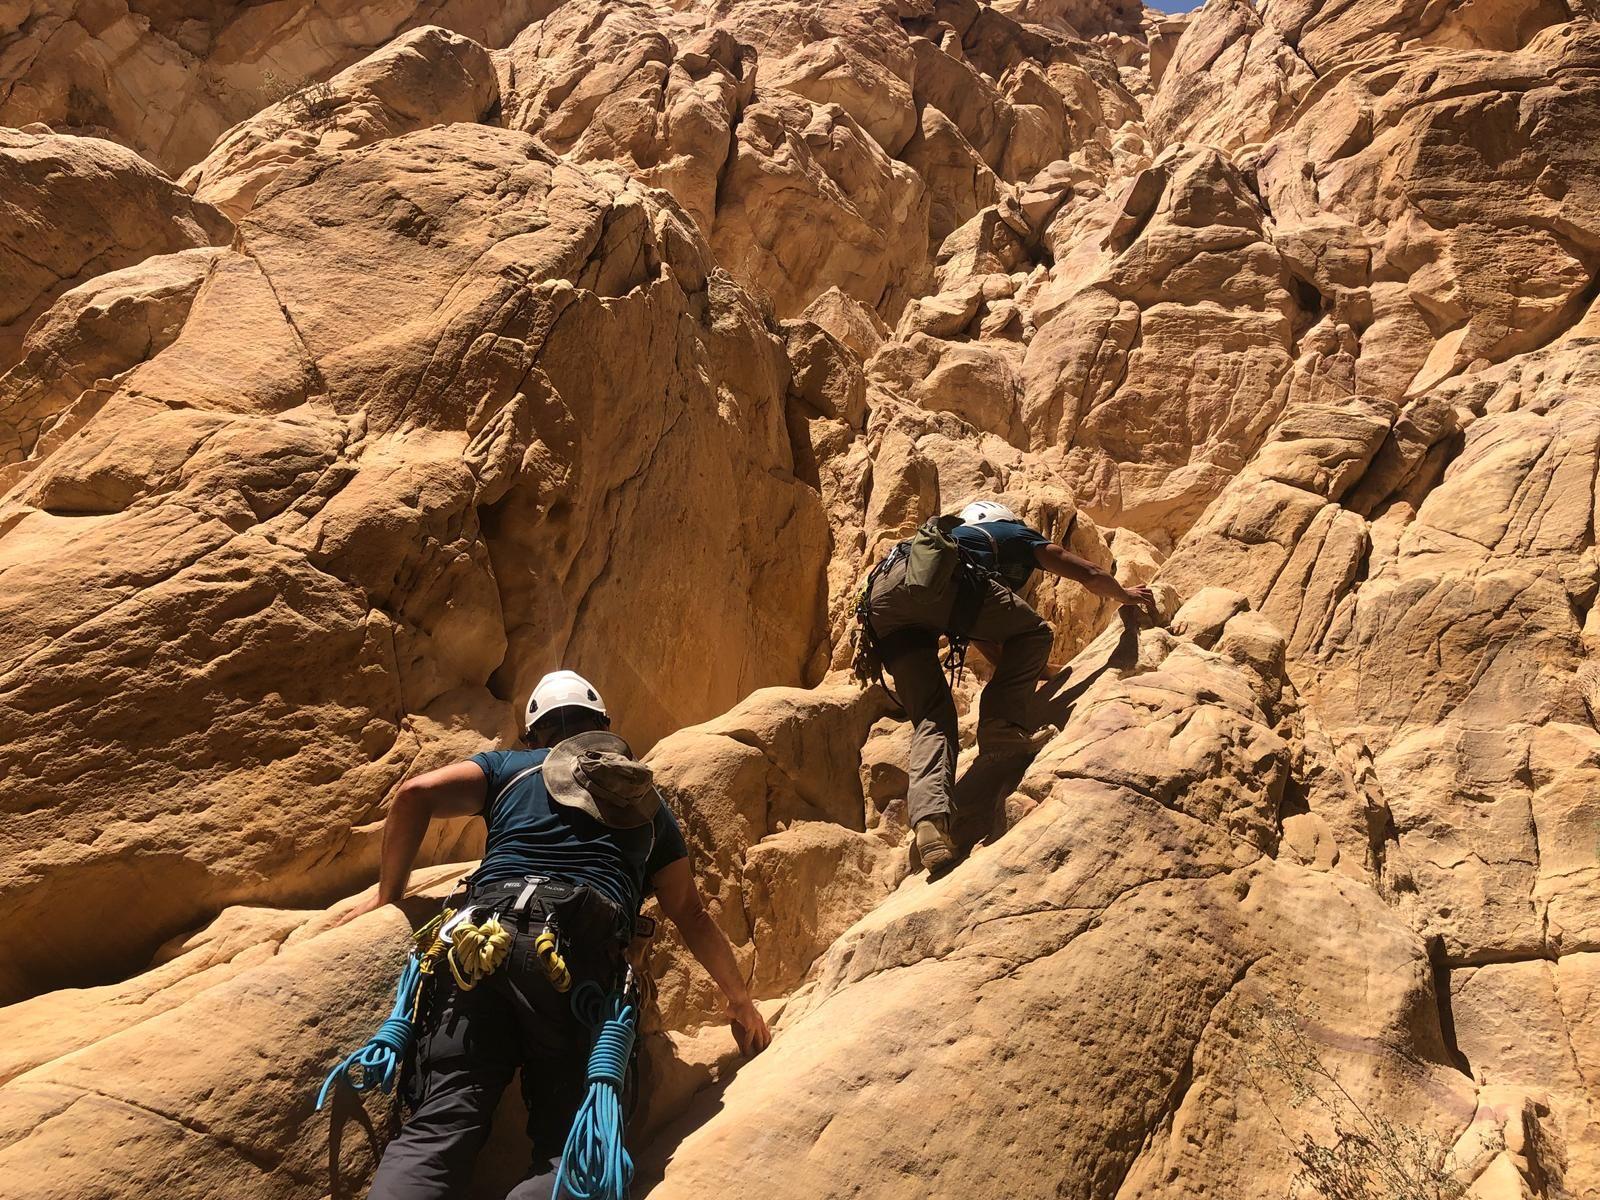 Noriega, con un compañero en una expedición por la montaña.